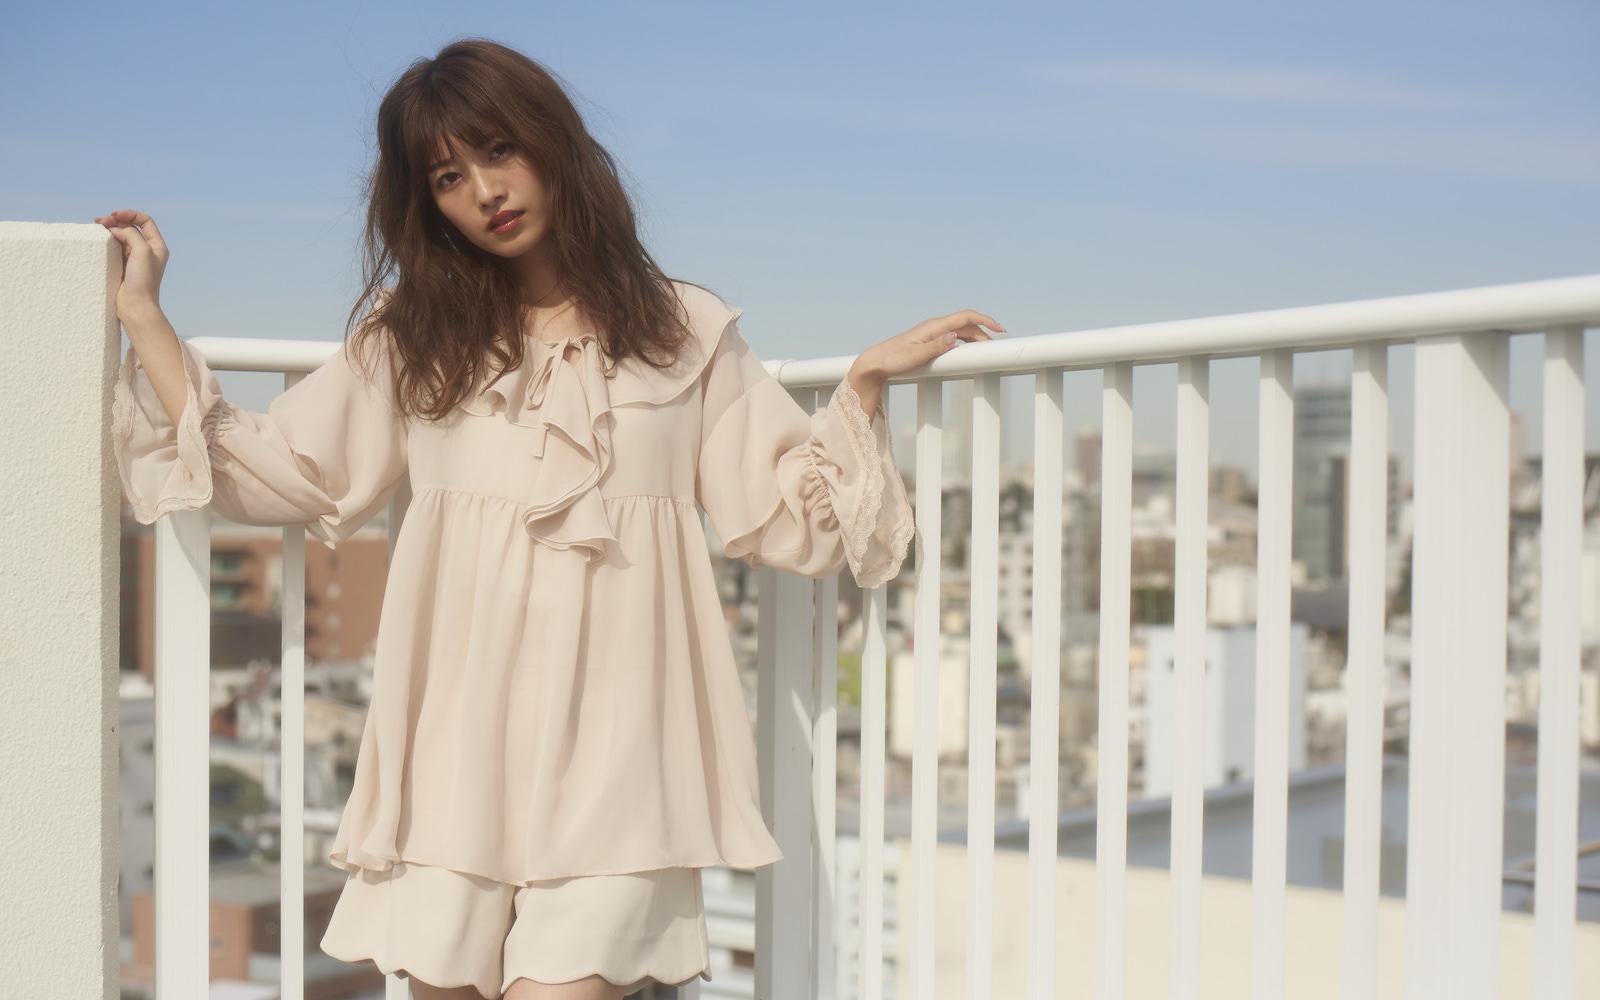 MAJE×小室安未 Vol.1|ドーリーホワイトでロマンティックな春、始まる♡